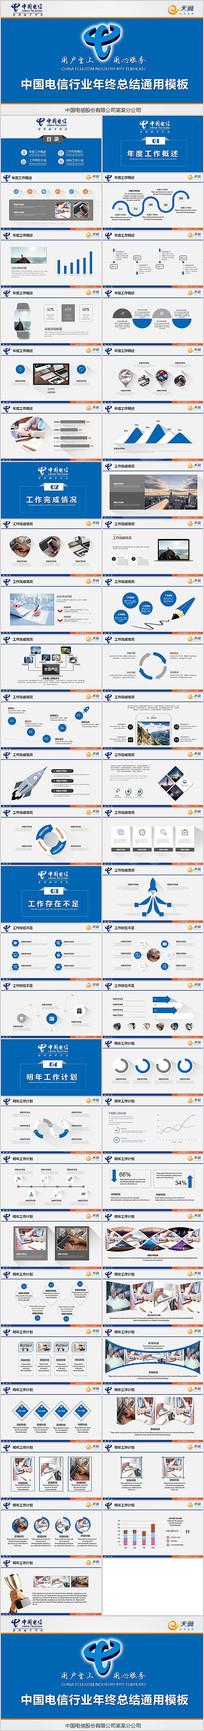 中国电信行业总结PPT模板